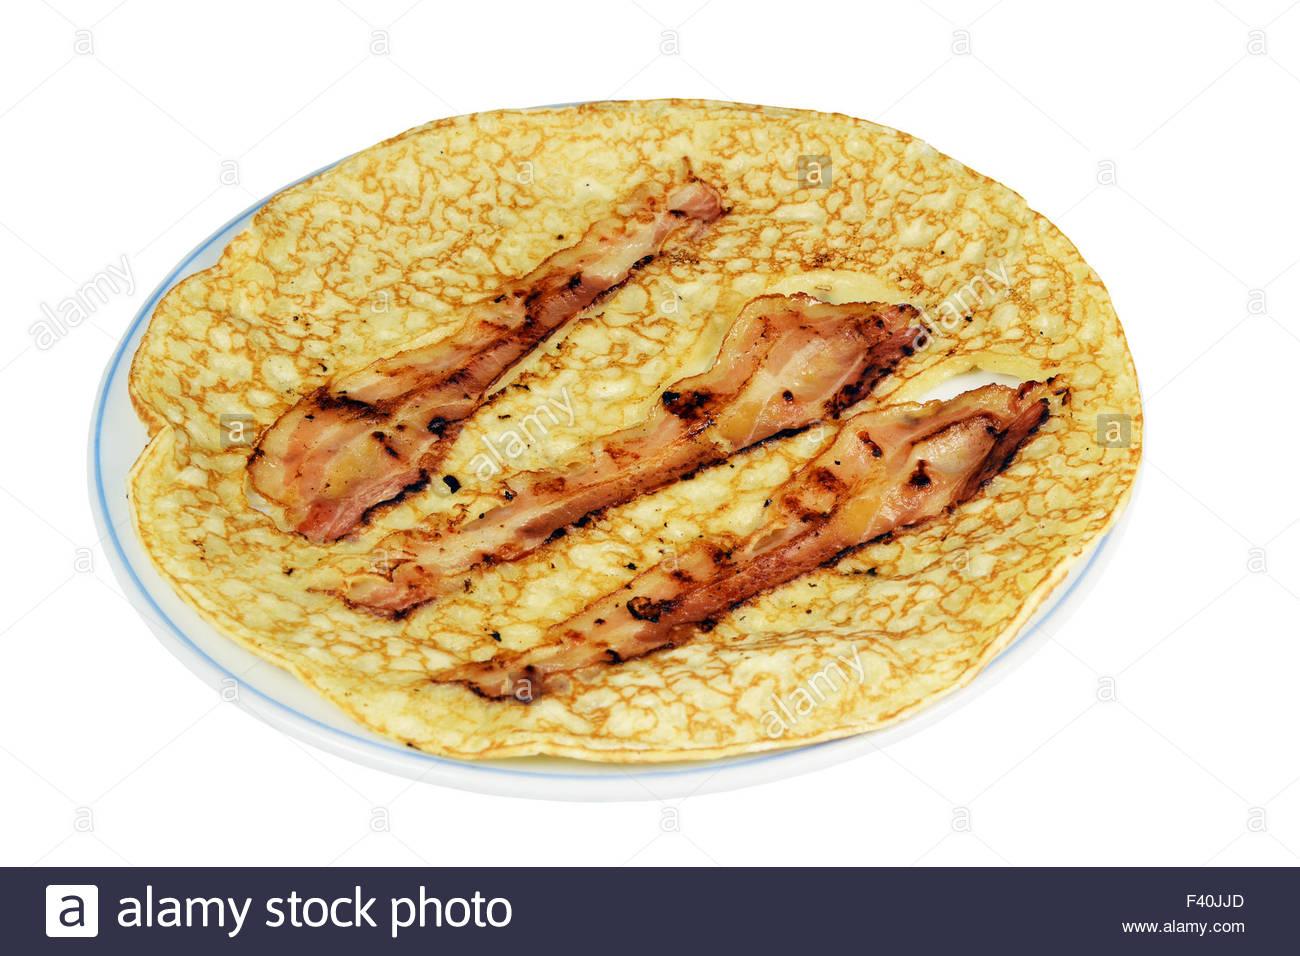 Pancake. - Stock Image